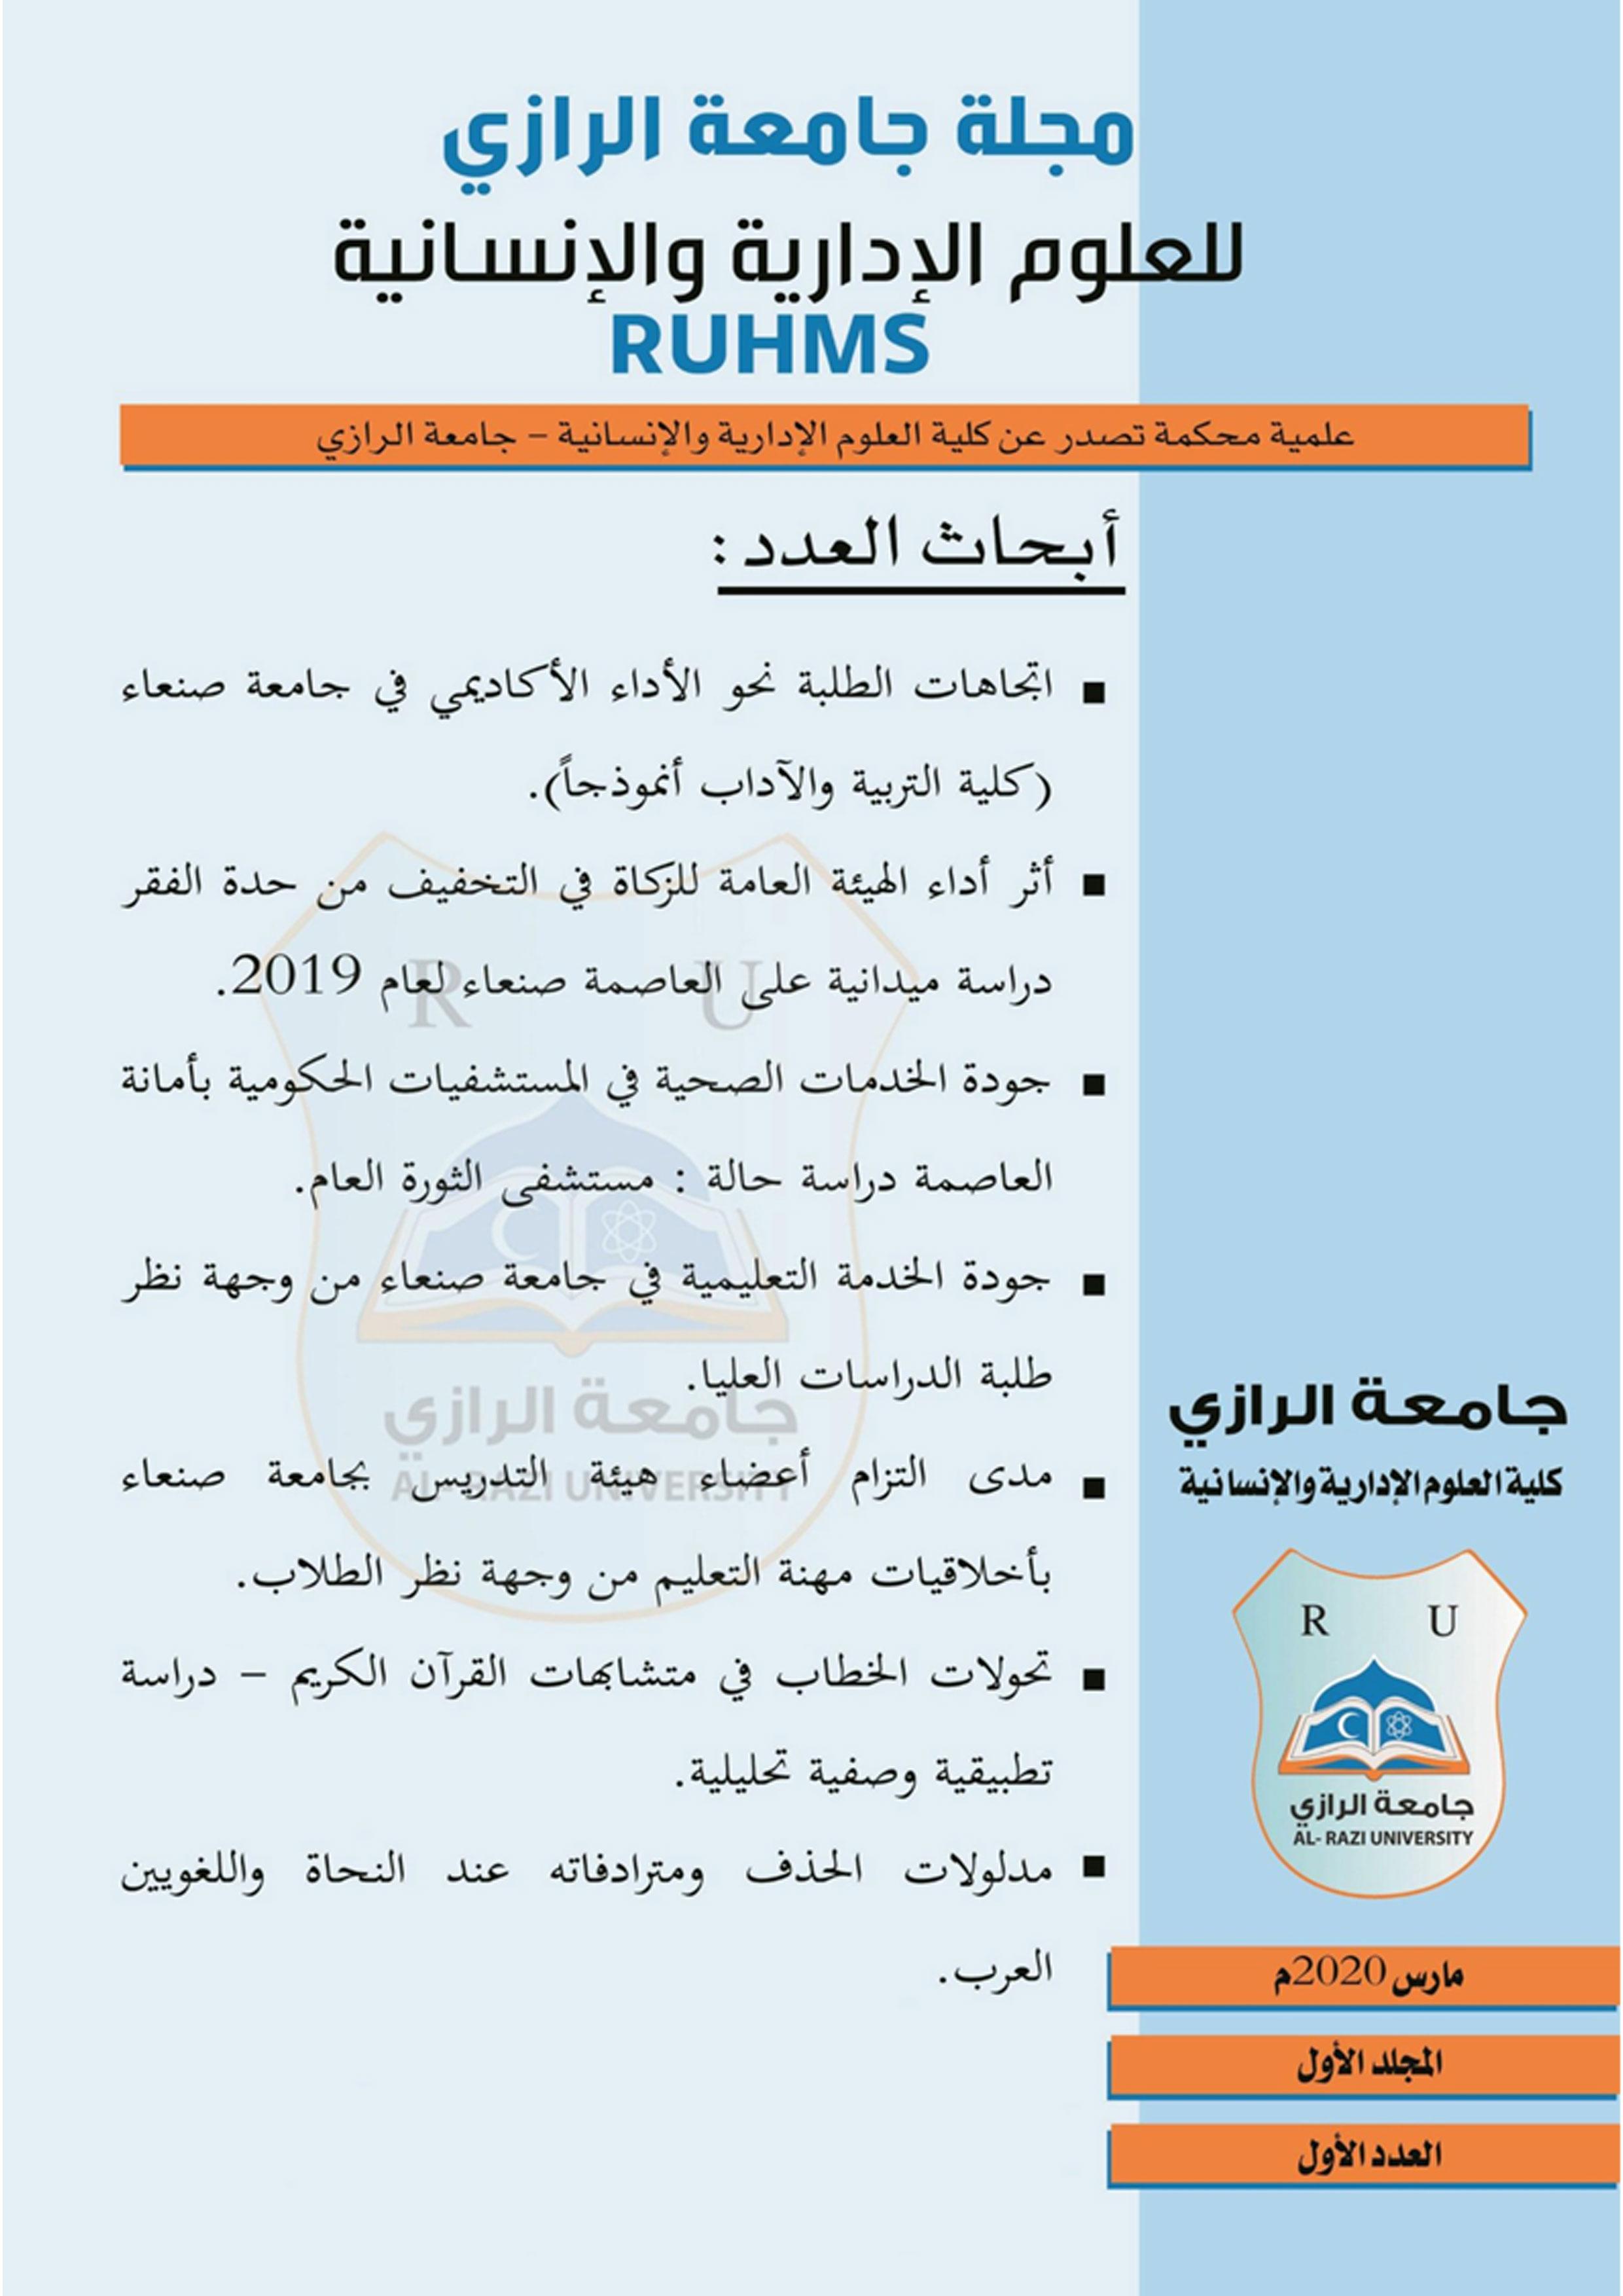 غلاف العدد الأول من مجلة جامعة الرازي للعلوم الادارية والانسانية